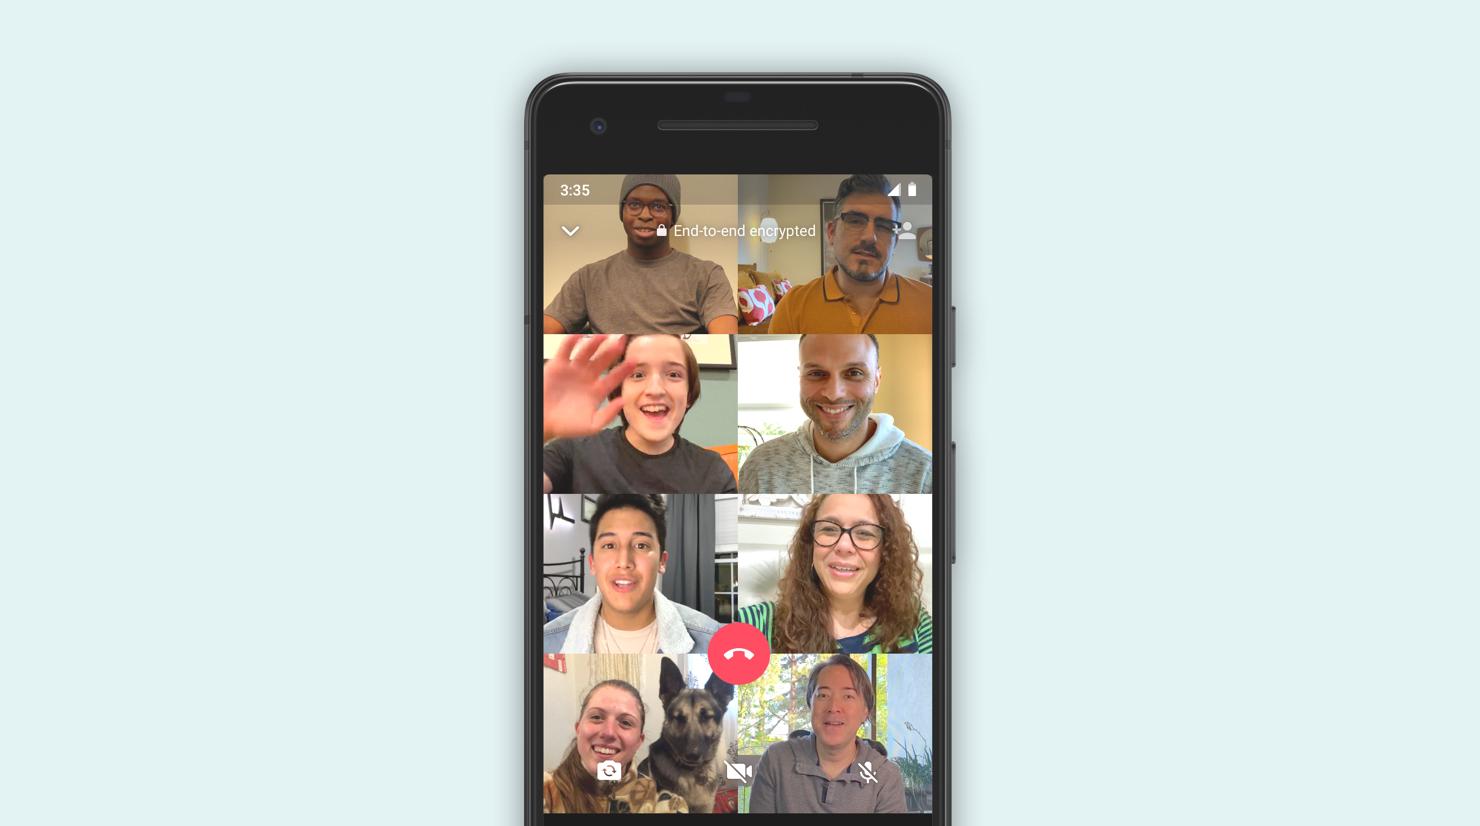 Nu stödjer WhatsApp videosamtal med åtta deltagare